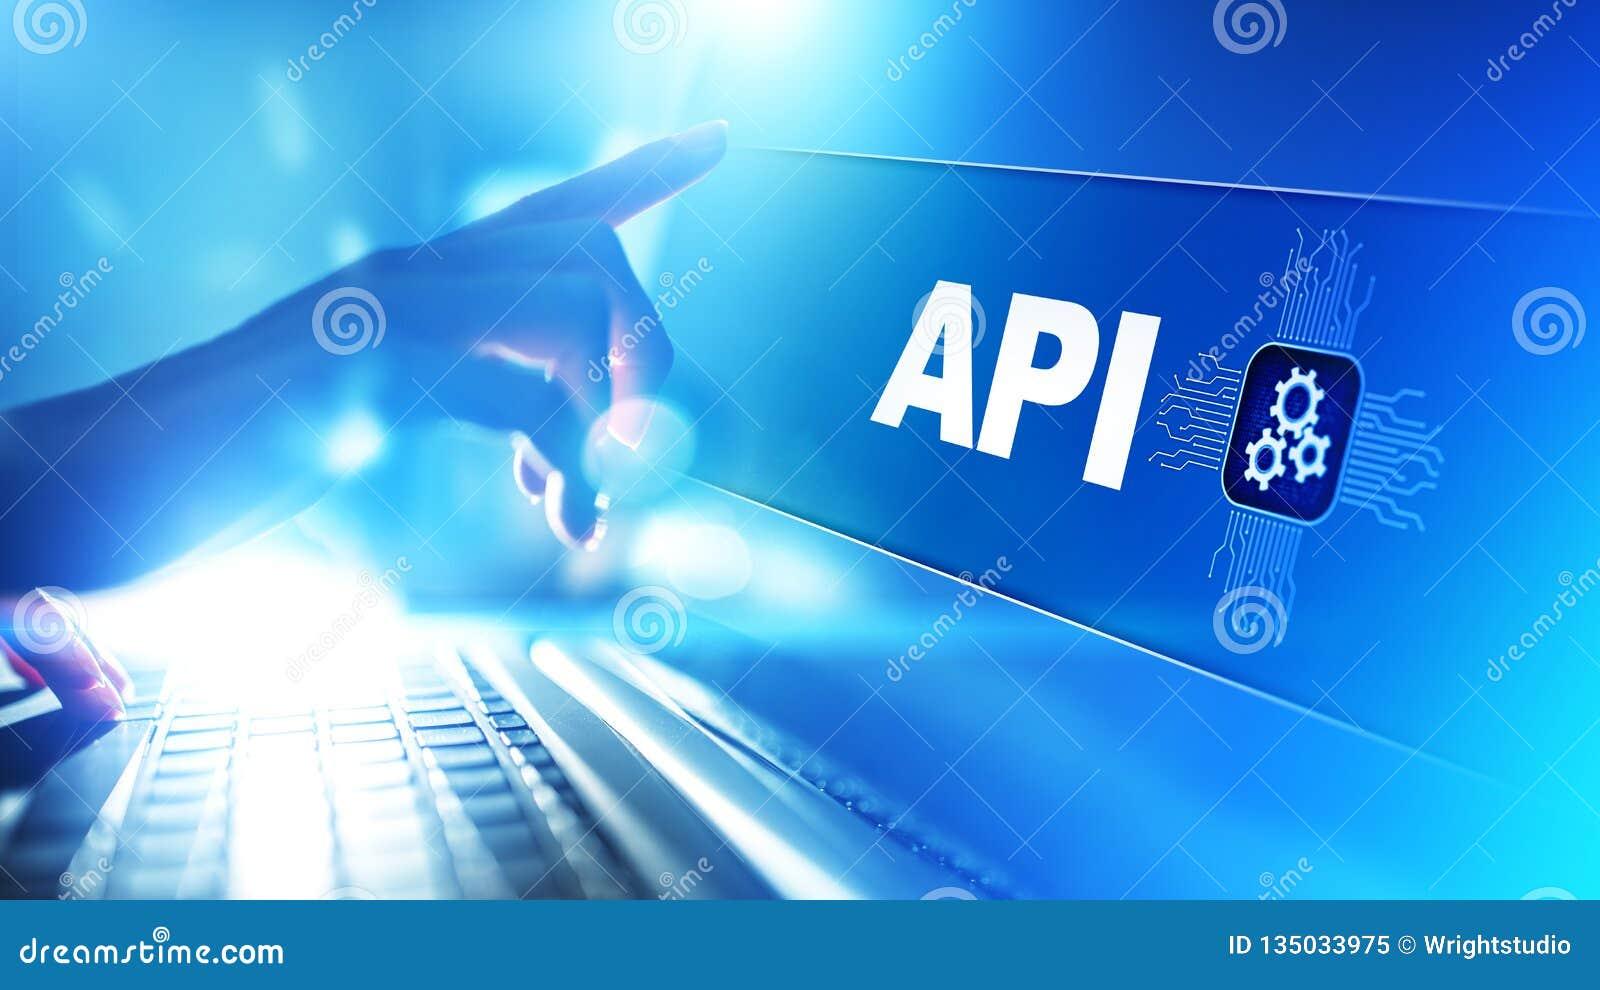 API - Relação de programação de aplicativo, ferramenta de programação de software, tecnologia da informação e conceito do negócio